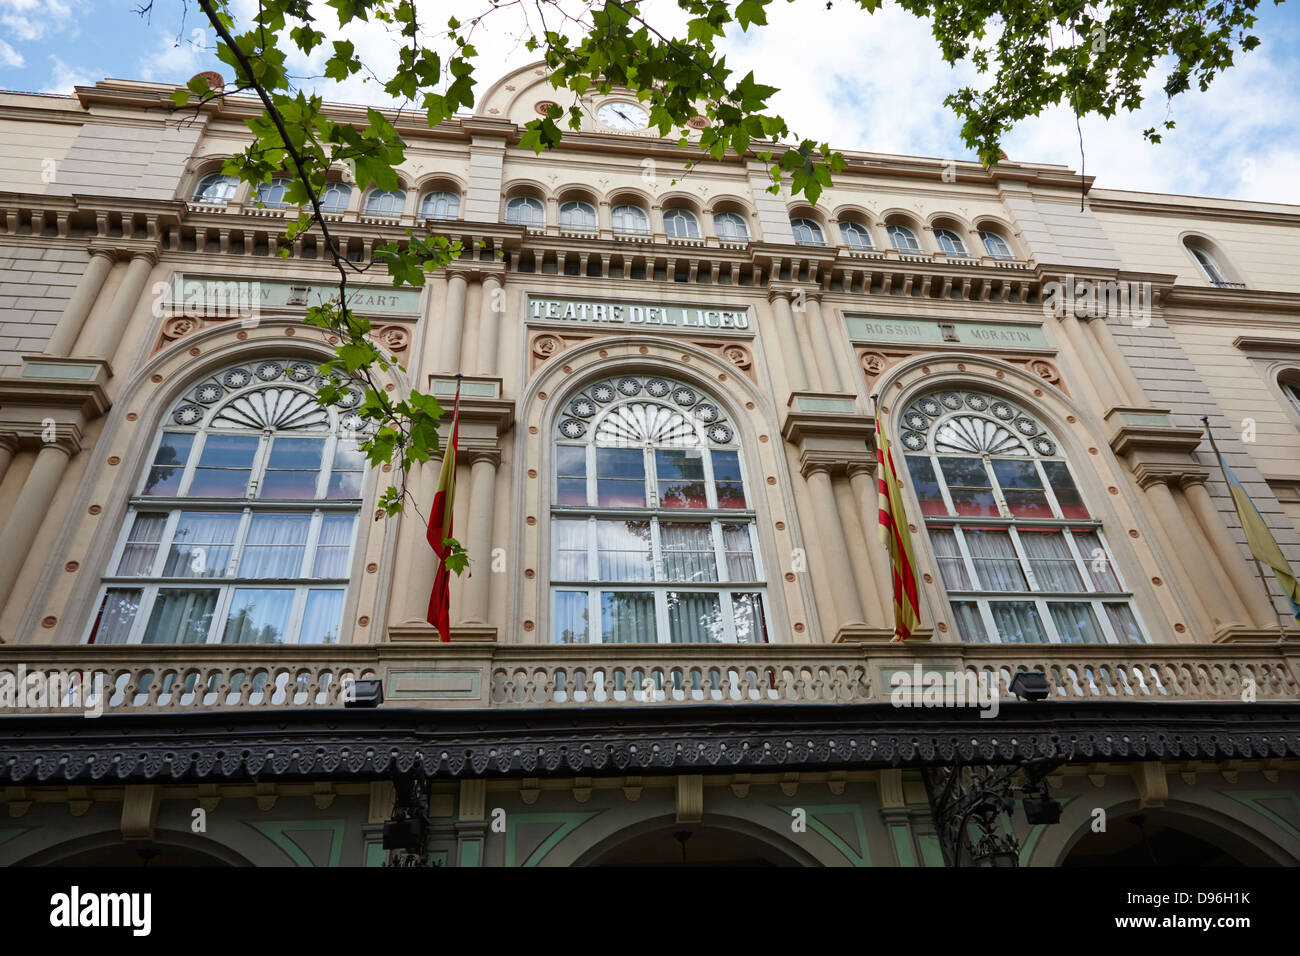 gran teatre del liceu theatre on la rambla barcelona catalonia spain - Stock Image